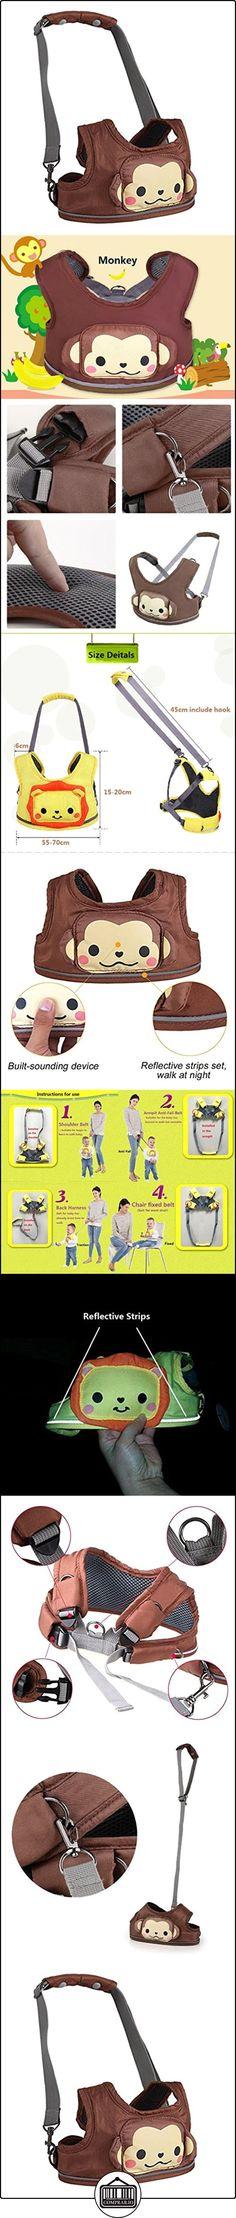 Arnés de seguridad para bebés - Animal de dibujos animados Arnés de seguridad para niños pequeños con tiras reflectantes, 3 en 1, la opción preferida de mamá  ✿ Seguridad para tu bebé - (Protege a tus hijos) ✿ ▬► Ver oferta: http://comprar.io/goto/B01N7CHLHQ